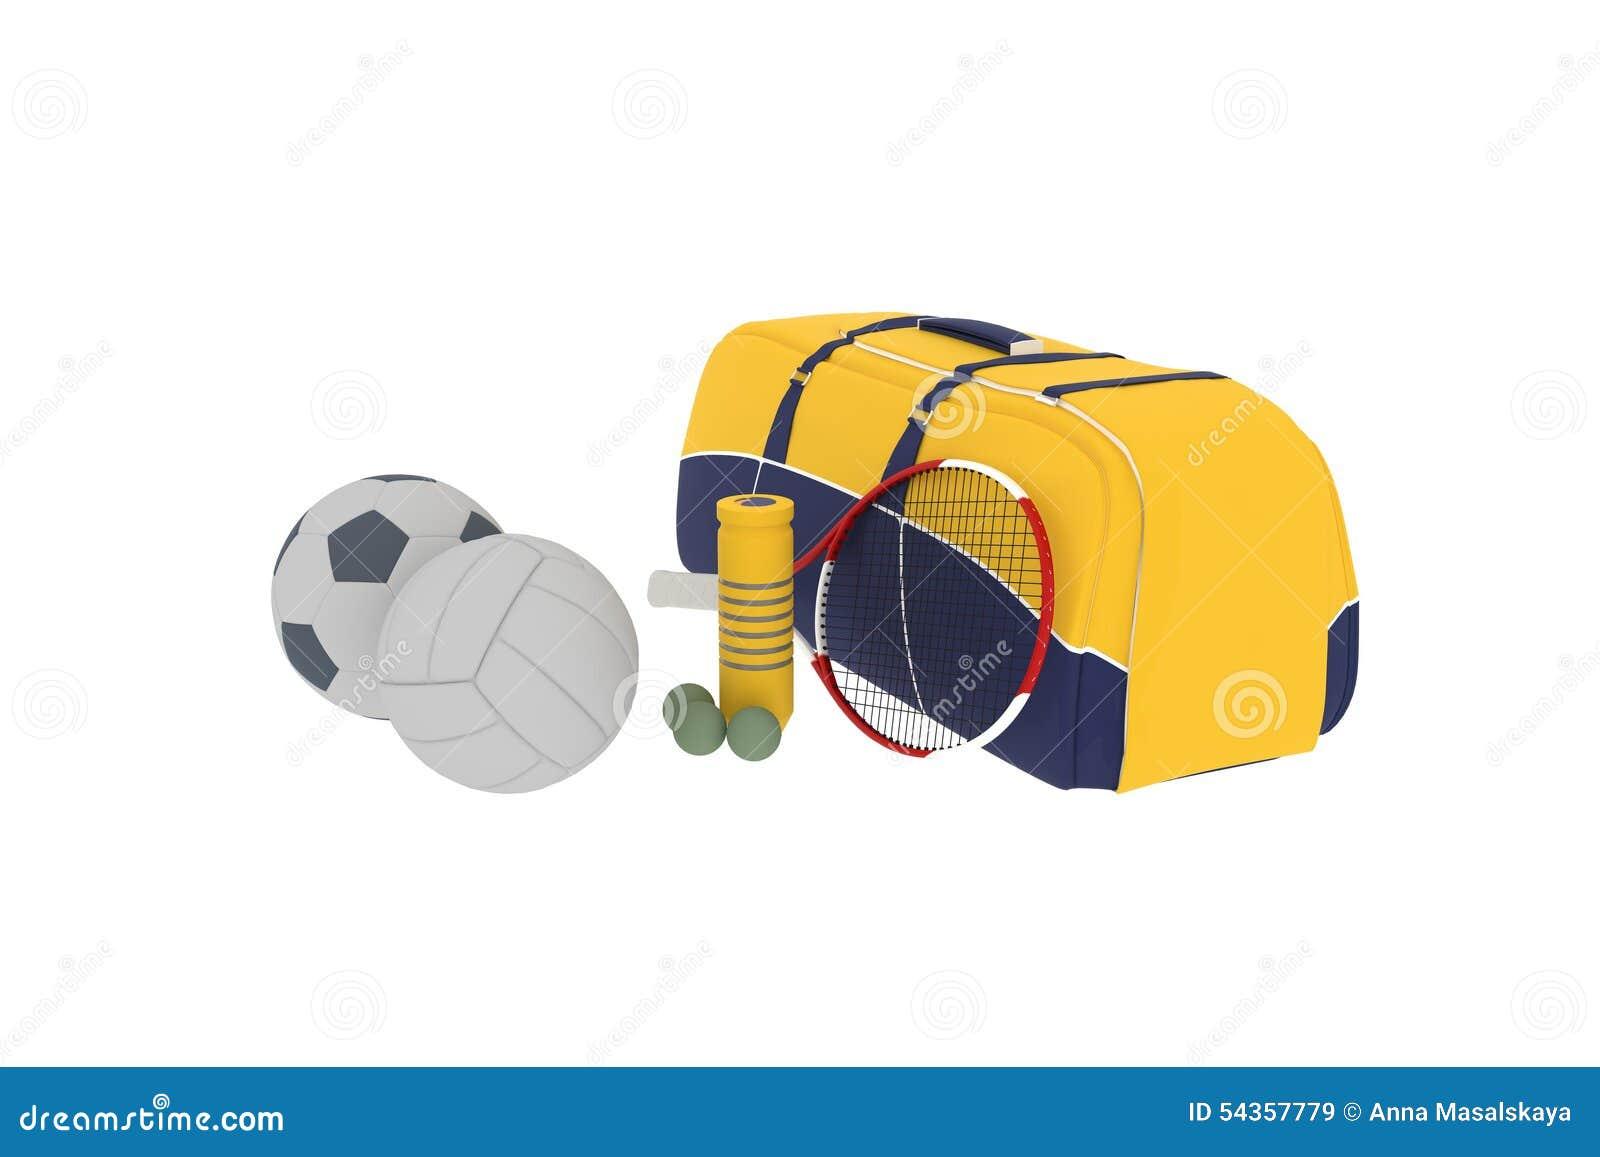 Ein Sportsatz ist eine Tasche und Bälle